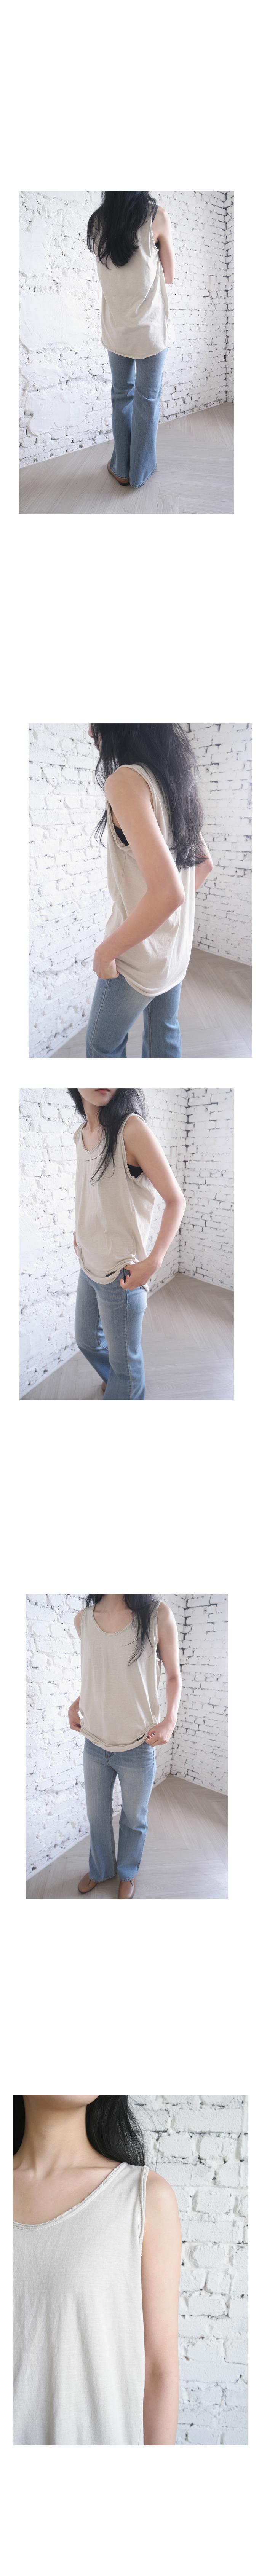 vintage washed long sleeveless